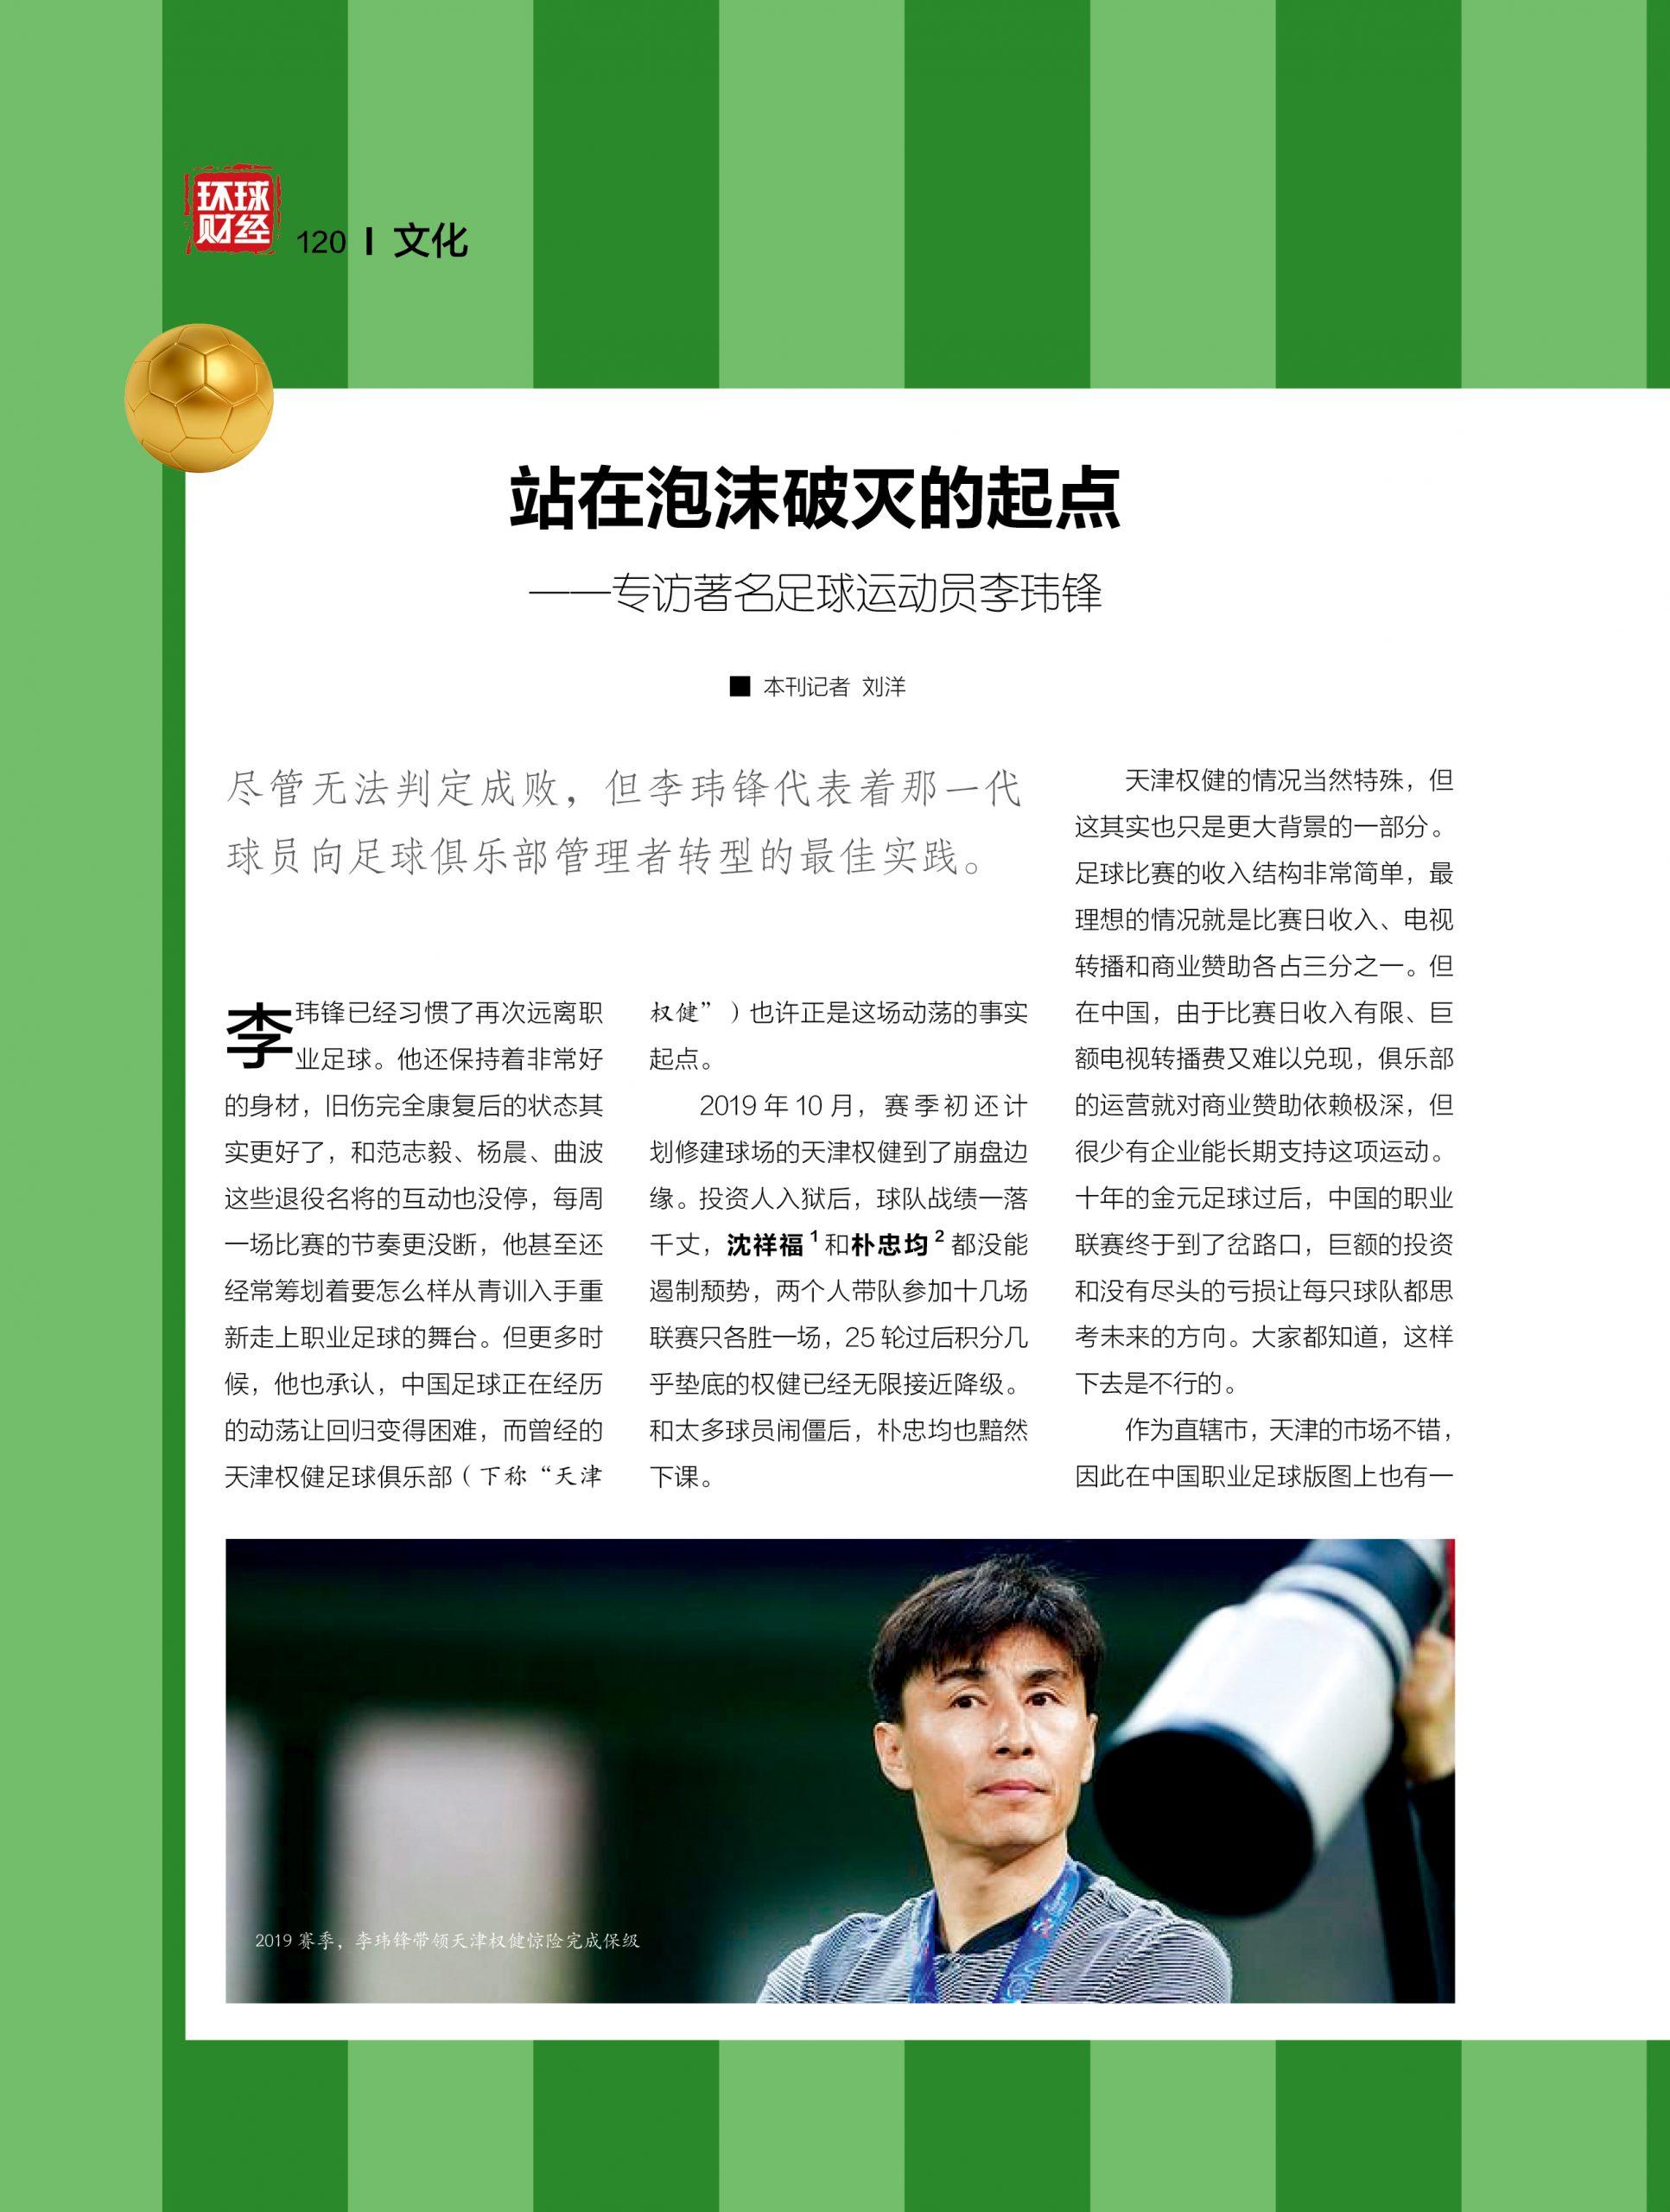 站在泡沫破灭的起点——专访著名足球运动员李玮锋